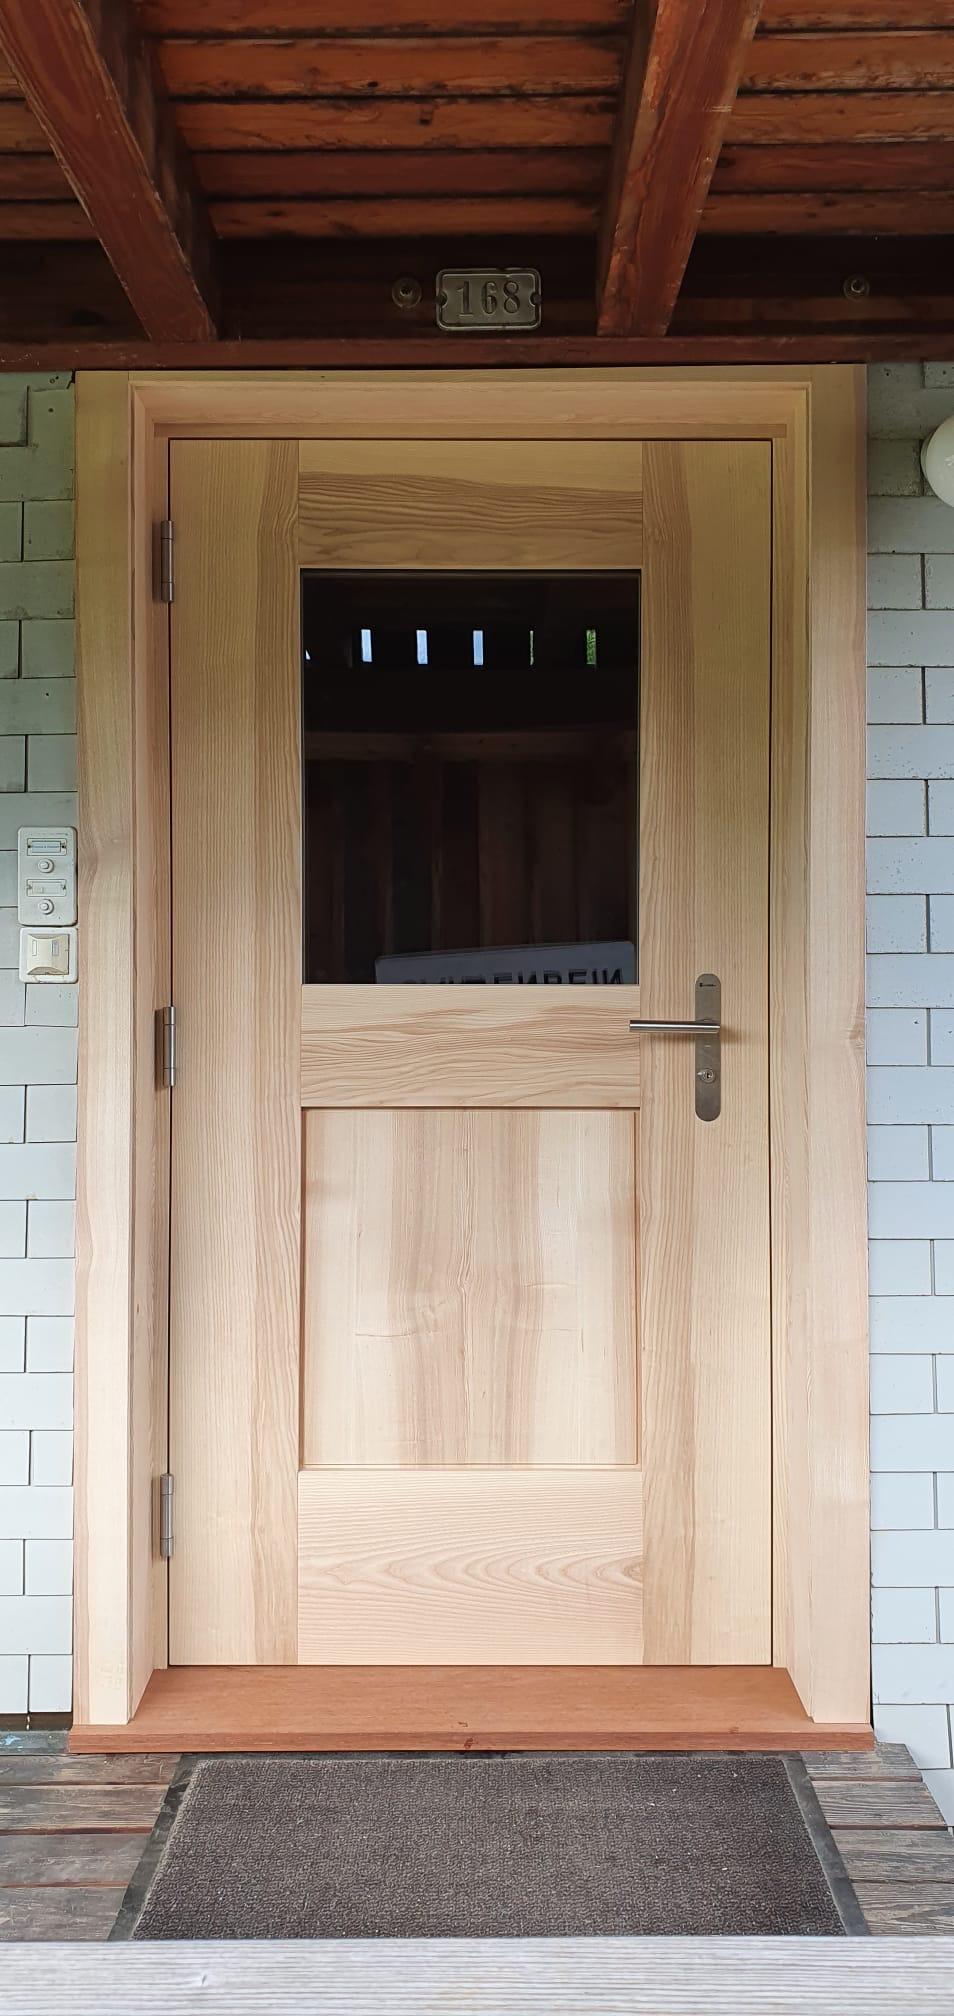 Eingangstüre nach aussen öffnend